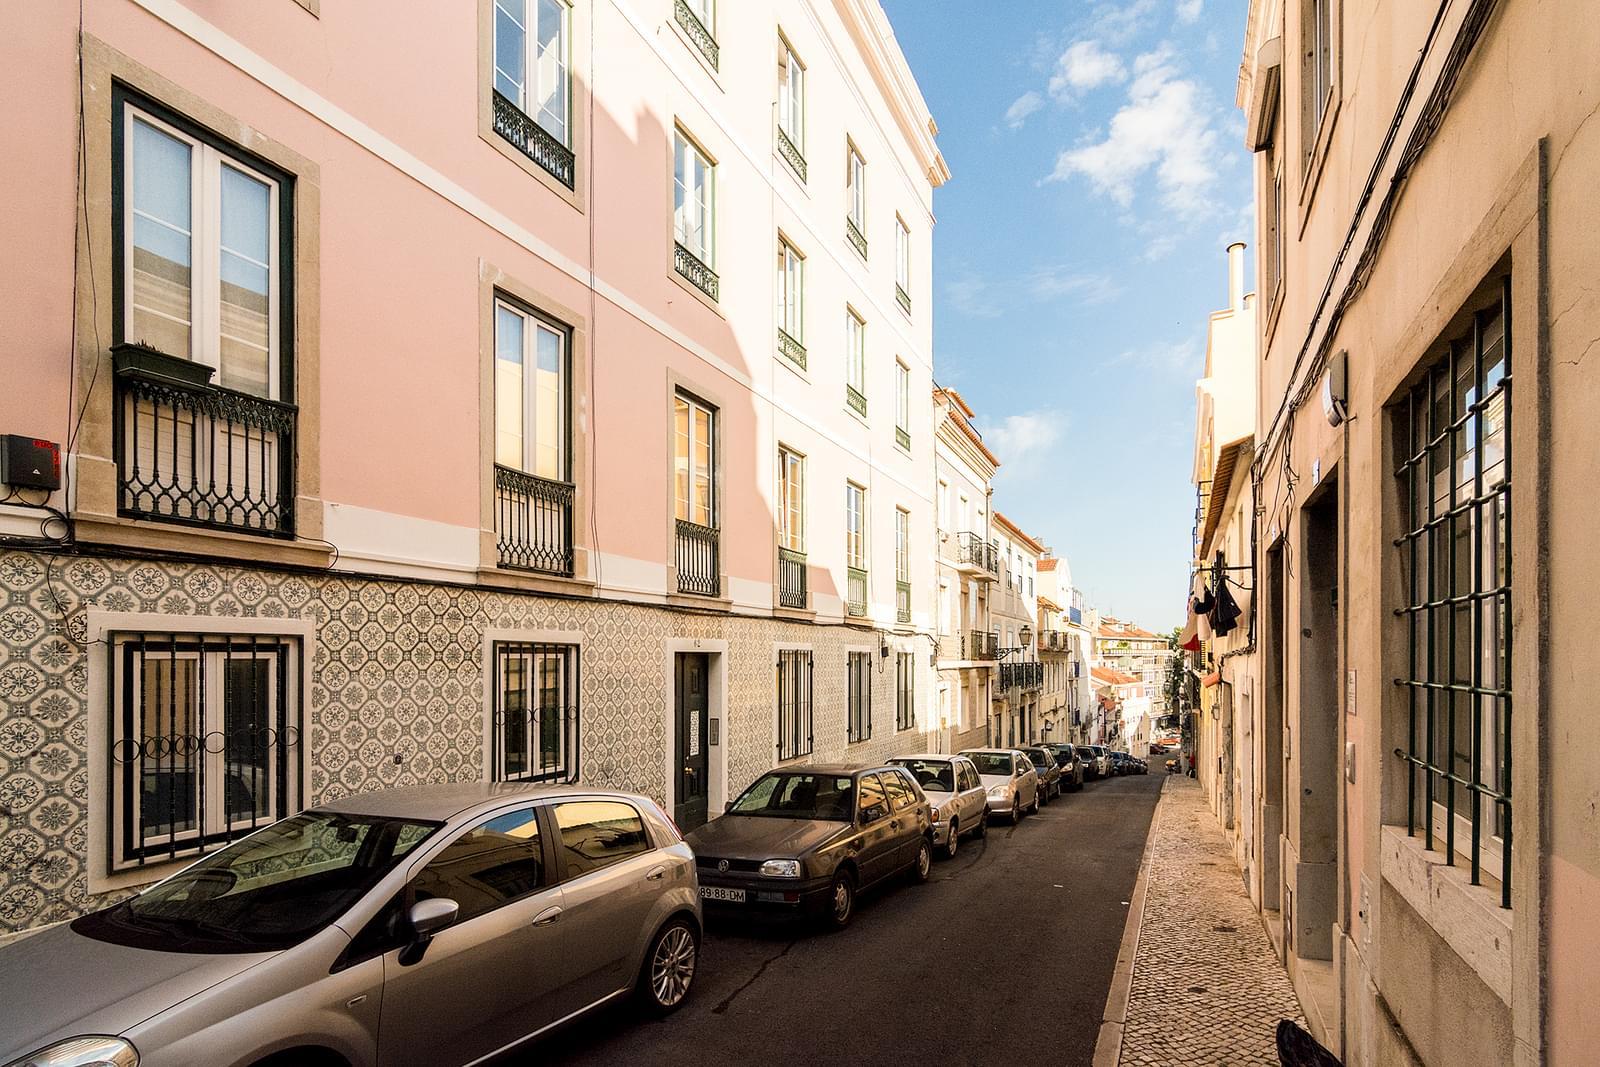 pf17497-apartamento-t3-lisboa-cf31685c-0a4b-475c-8f12-f07503855caa